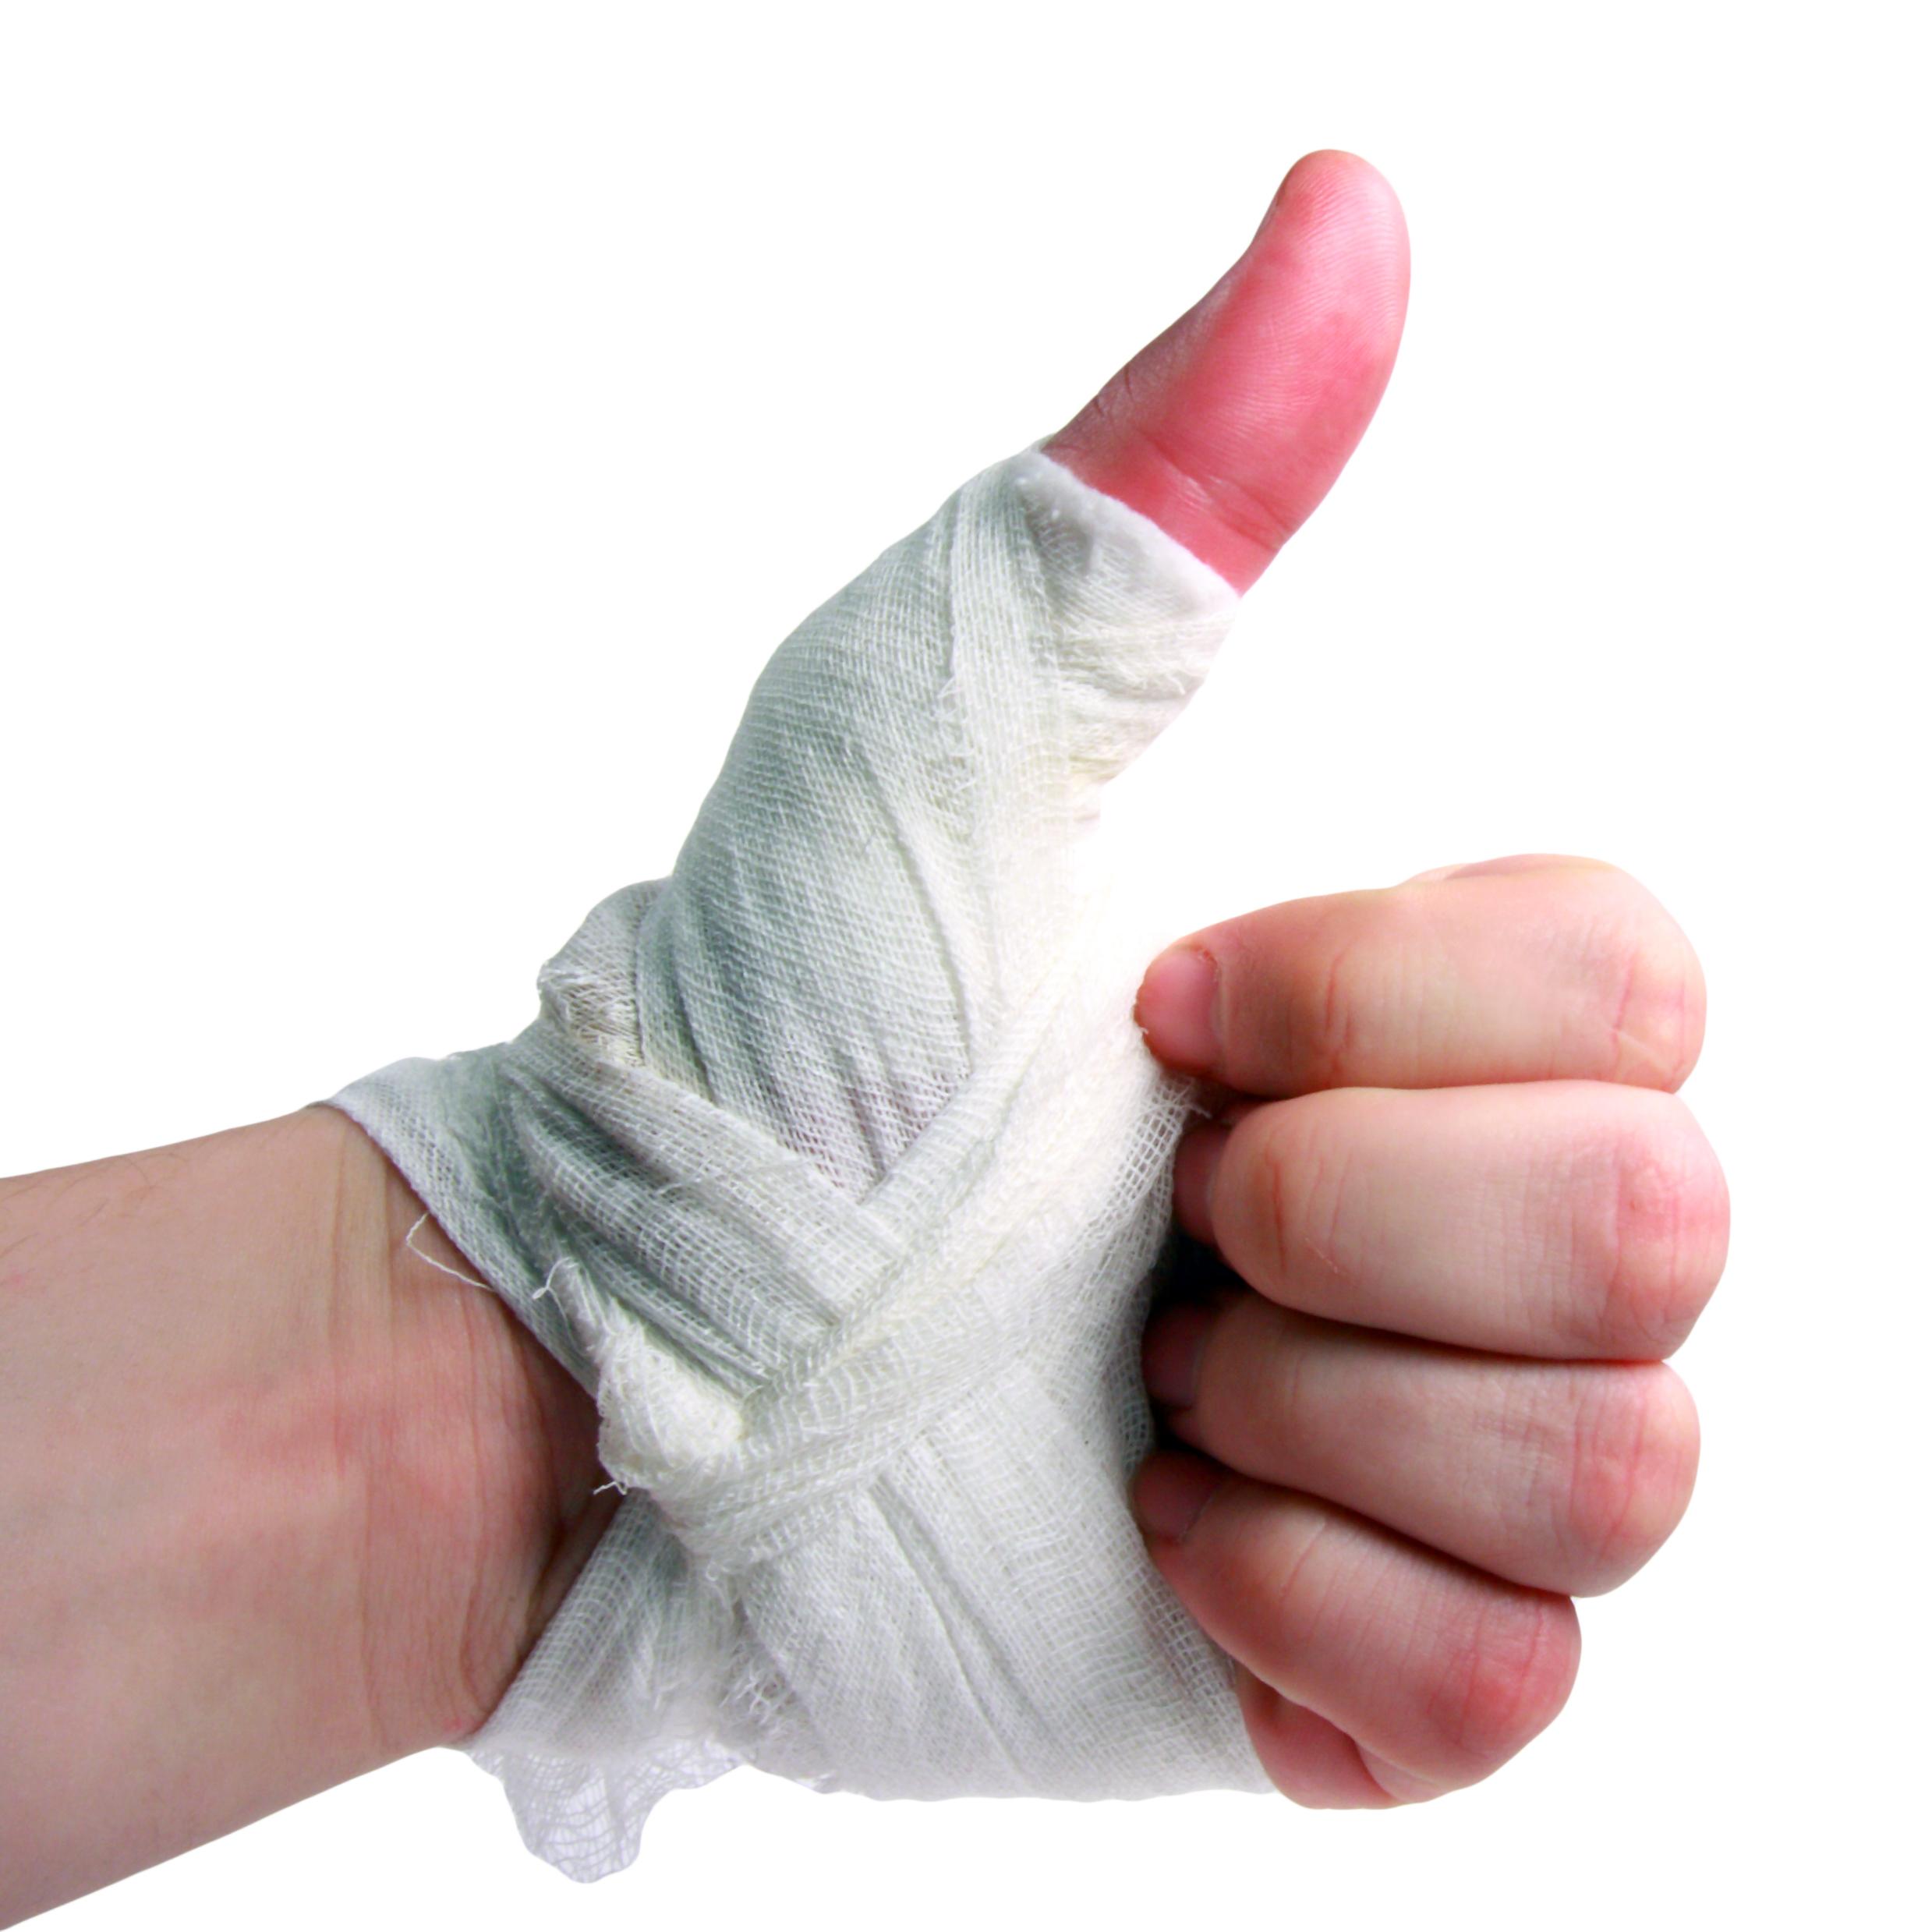 Повязка на все пальцы руки - Video-Med ru - YouTube